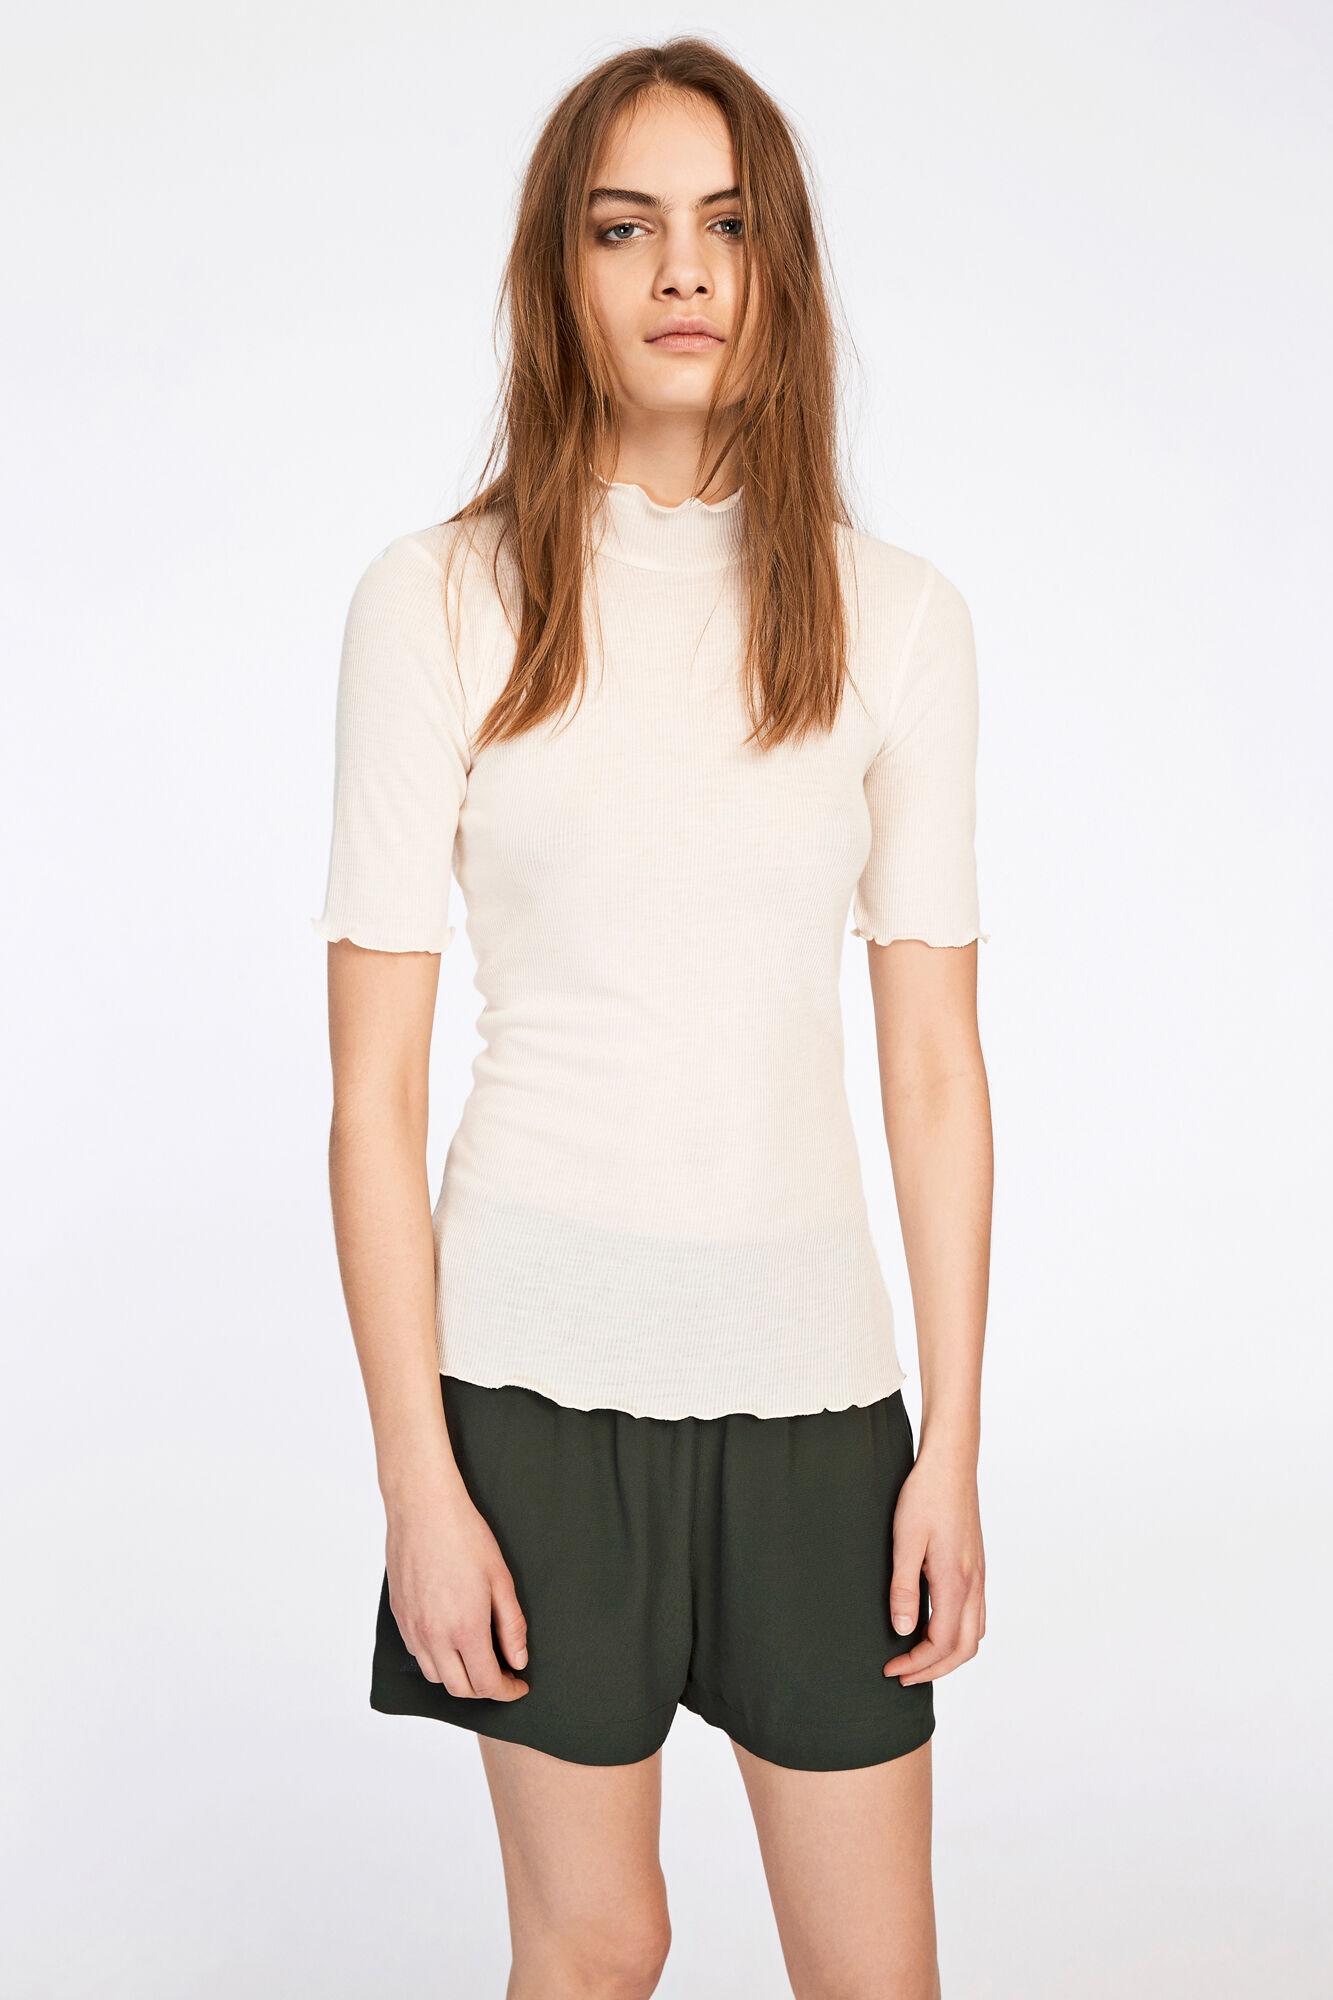 Nessie shorts 6515, DARKEST SPRUCE